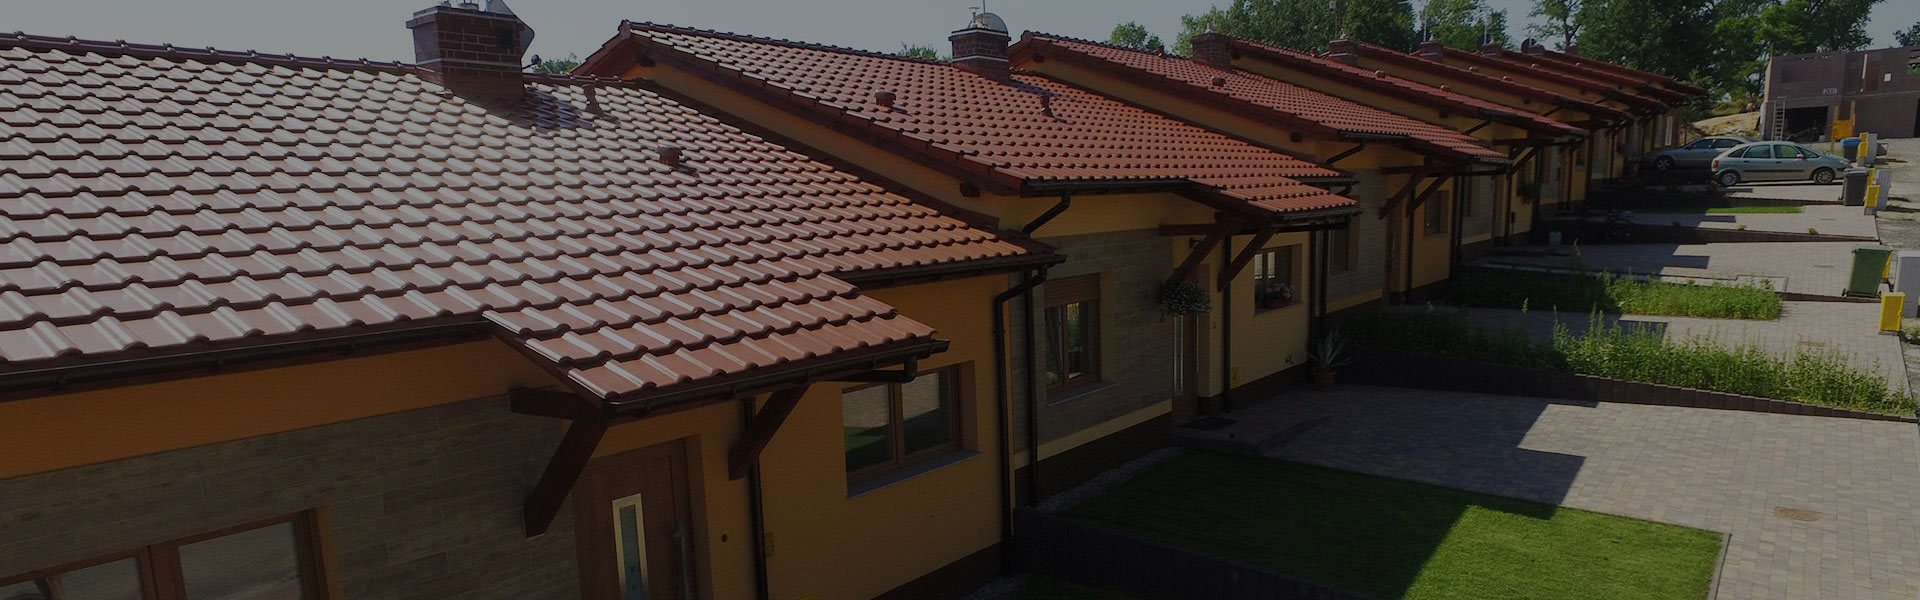 Dom z Keramzytu - budowa domów w zabudowie szeregowej